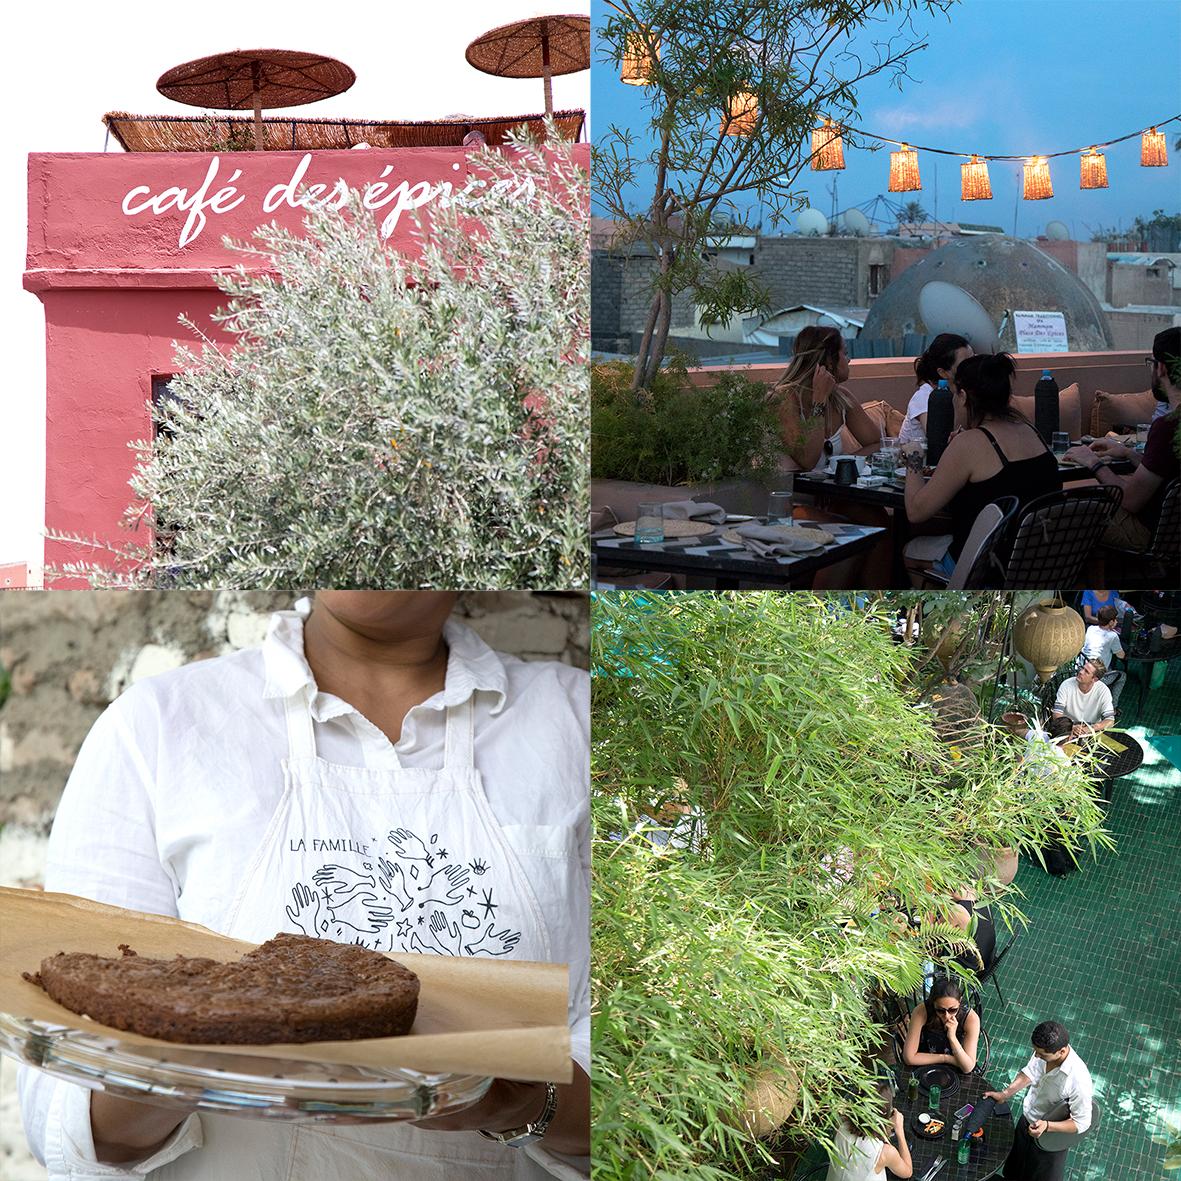 Café des épices, Nomad, La Famille, Le jardin.